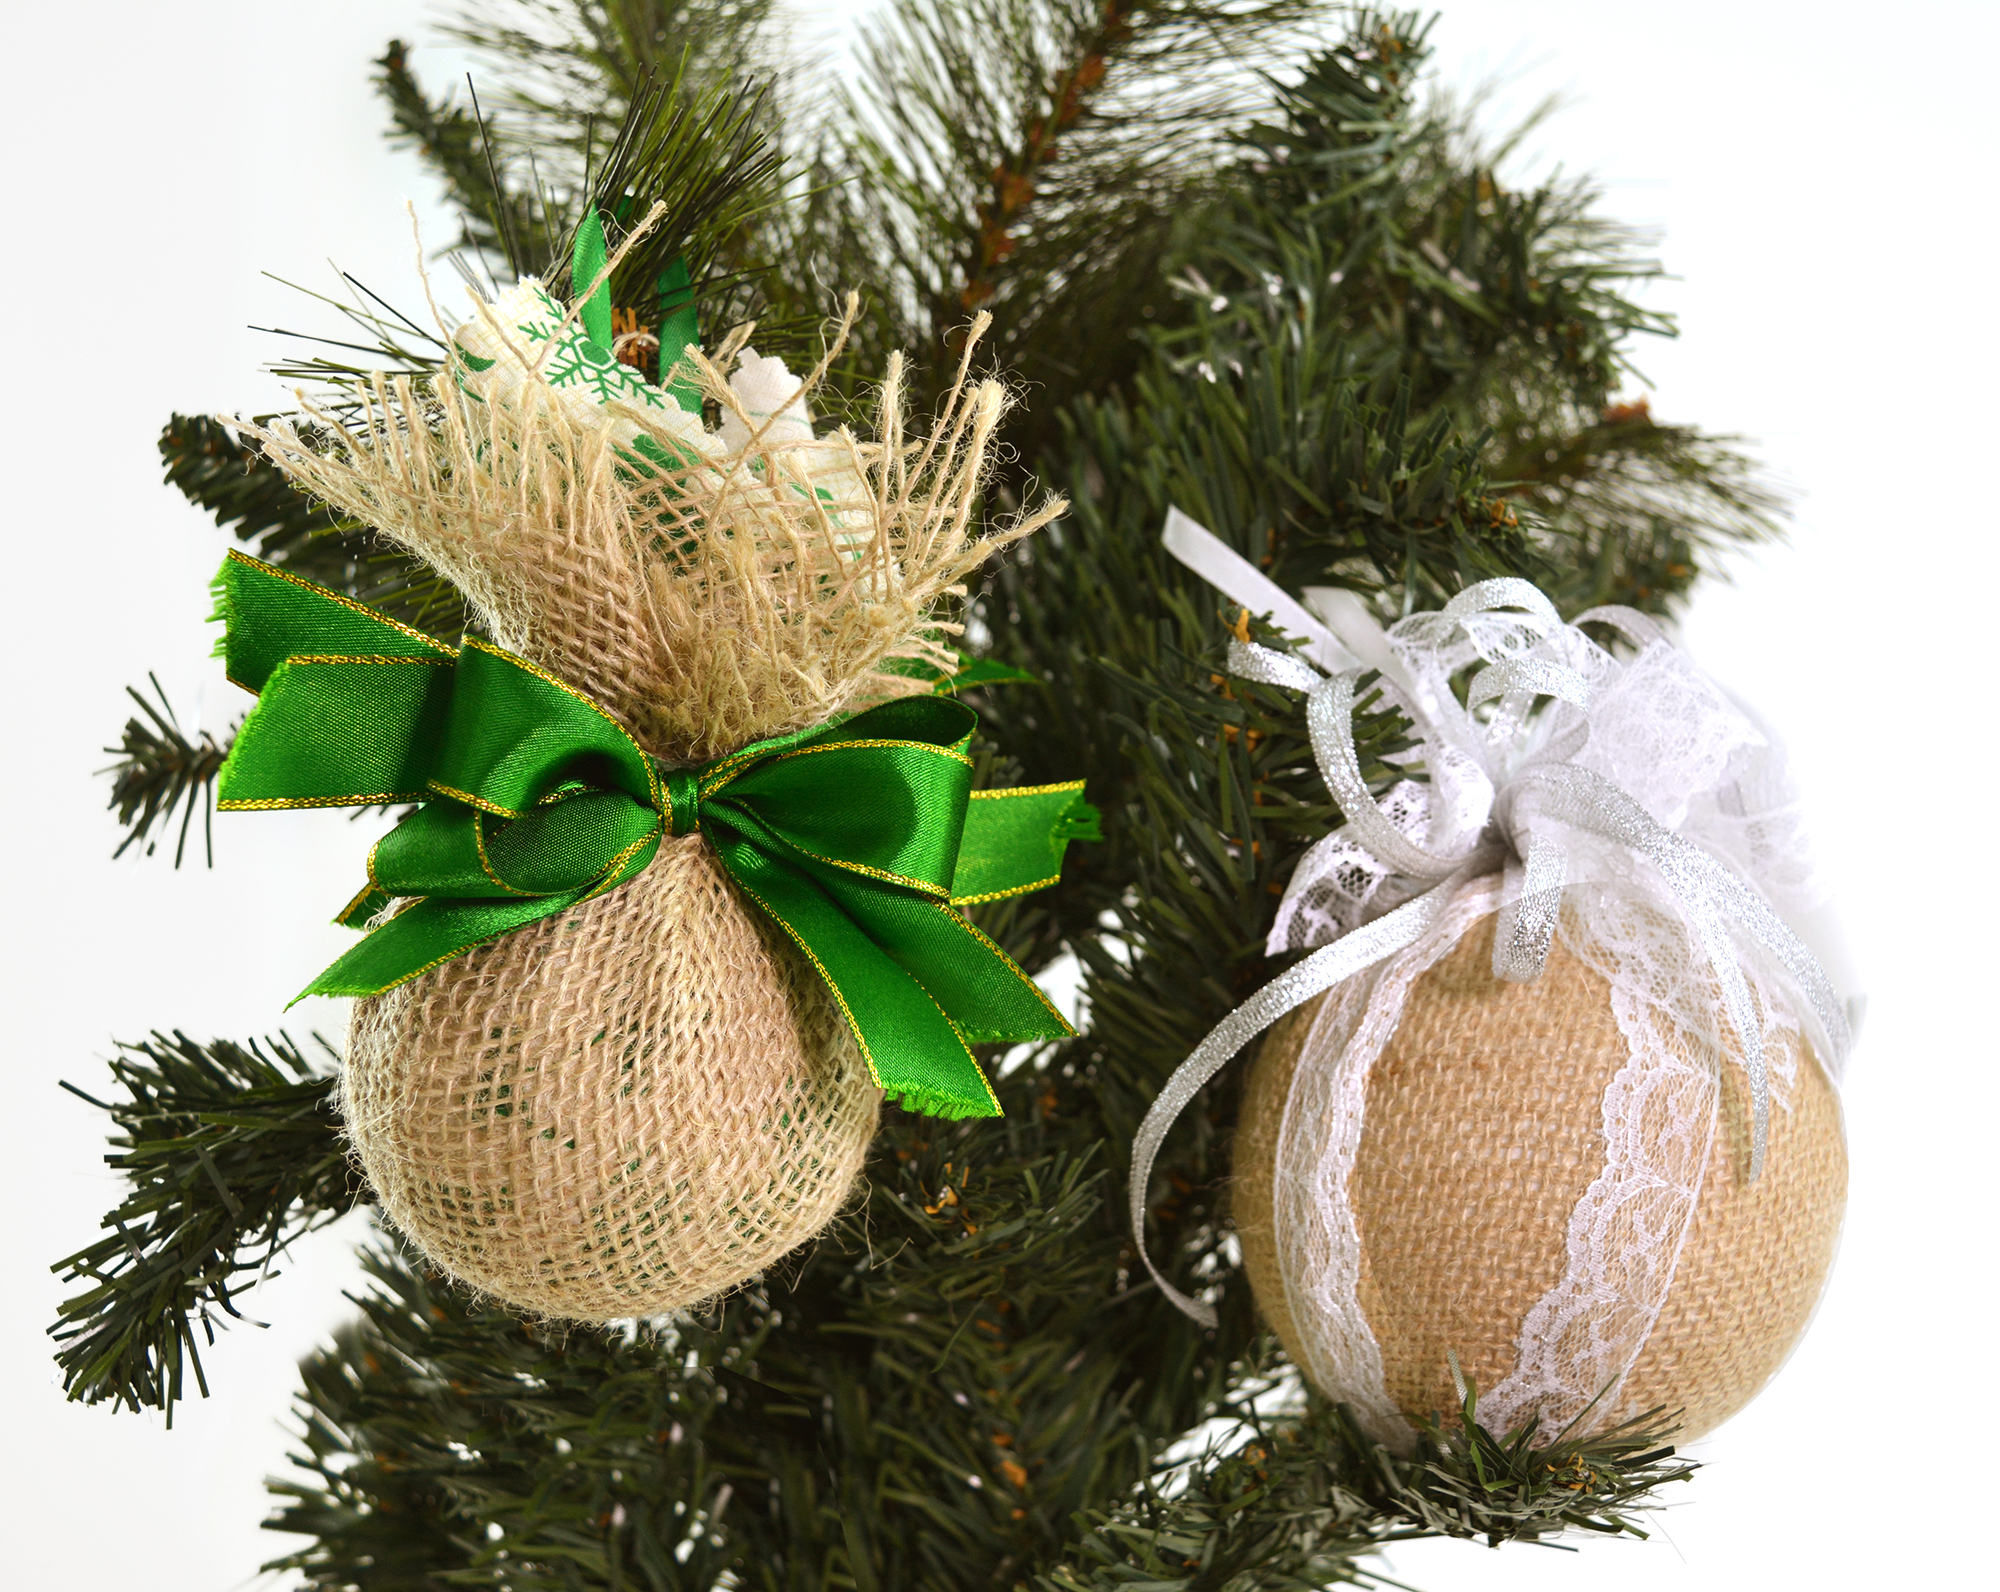 Bolas de Natal de diferentes modelos penduradas em árvore